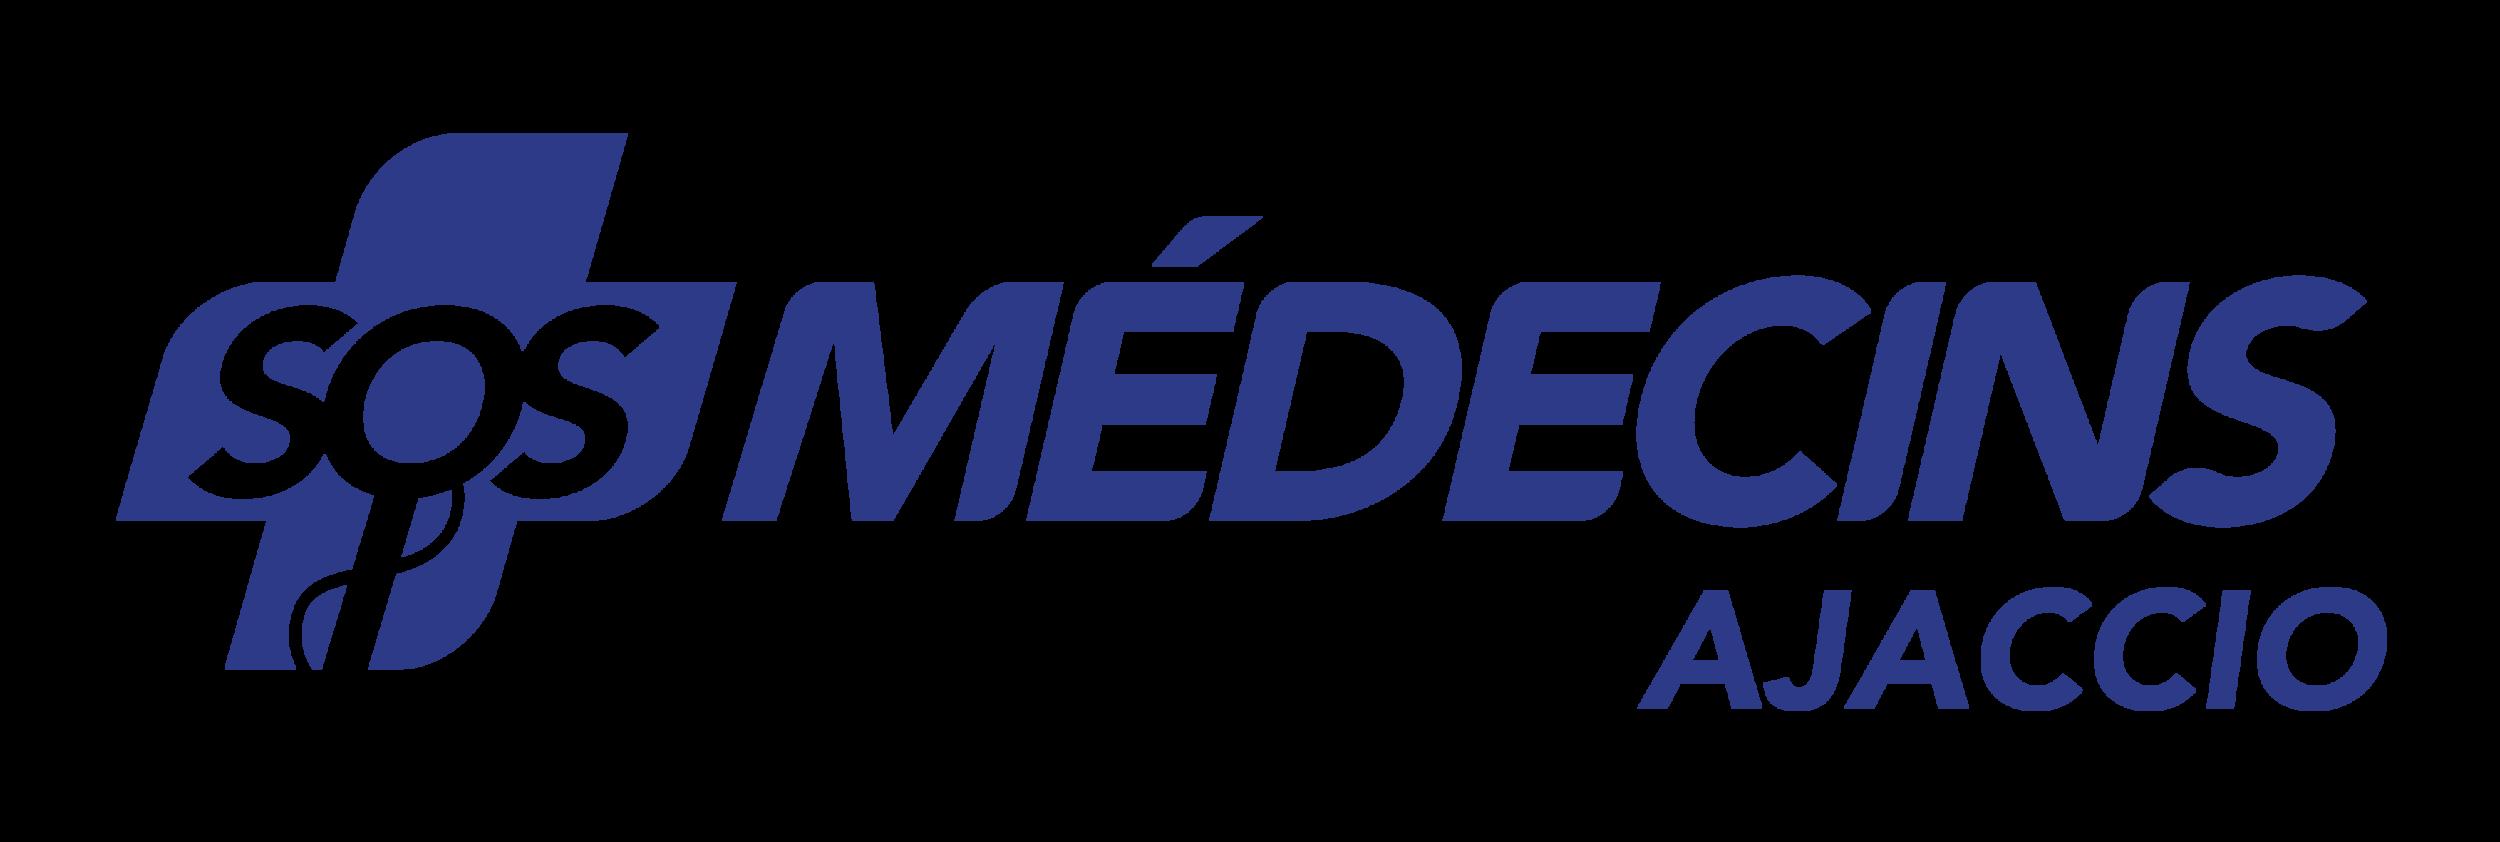 SOS Médecins Ajaccio